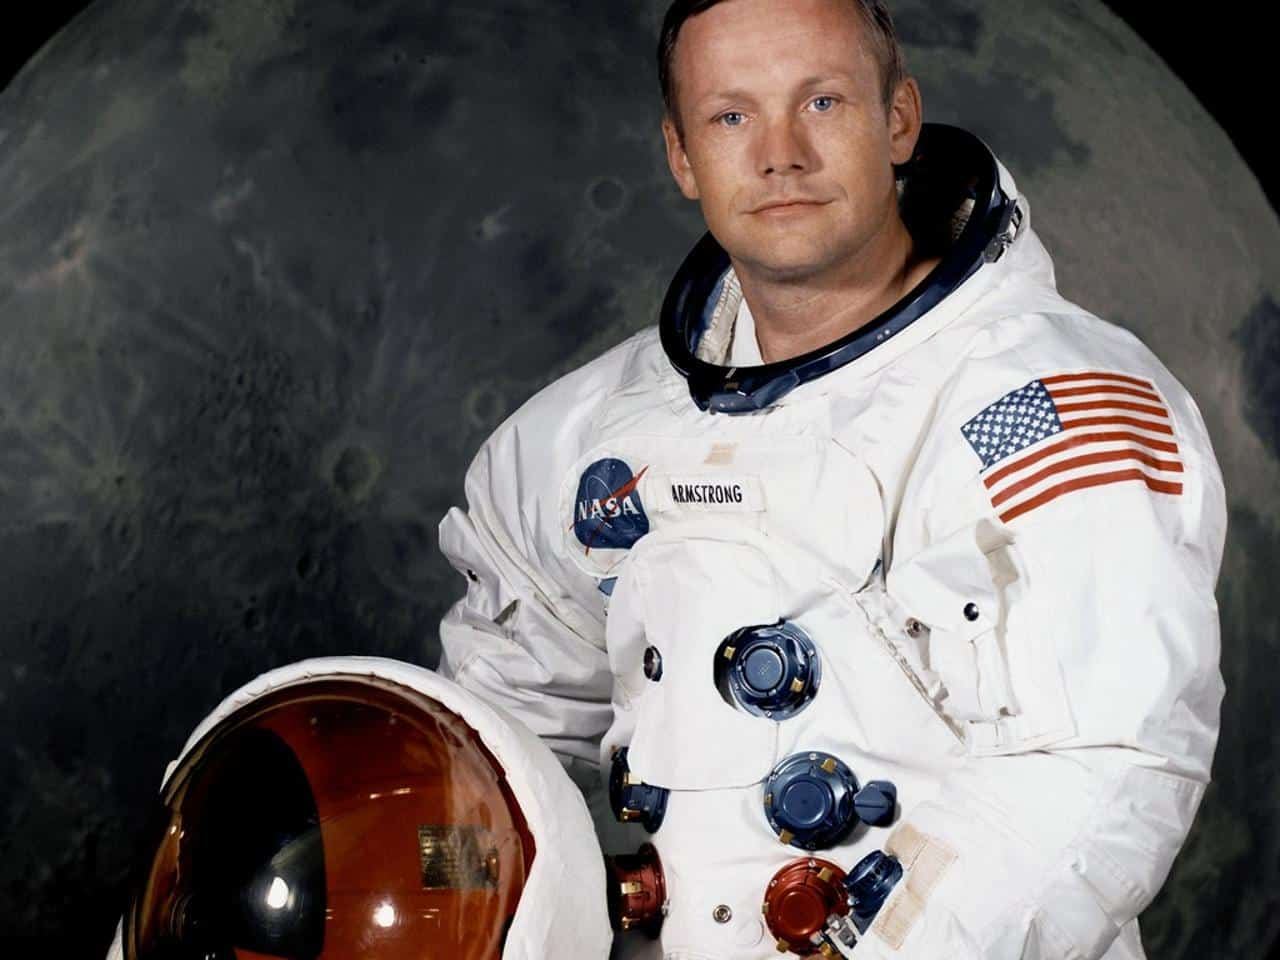 Primeiro homem a pisar na lua: Neil Armstrong e sua trajetória de vida